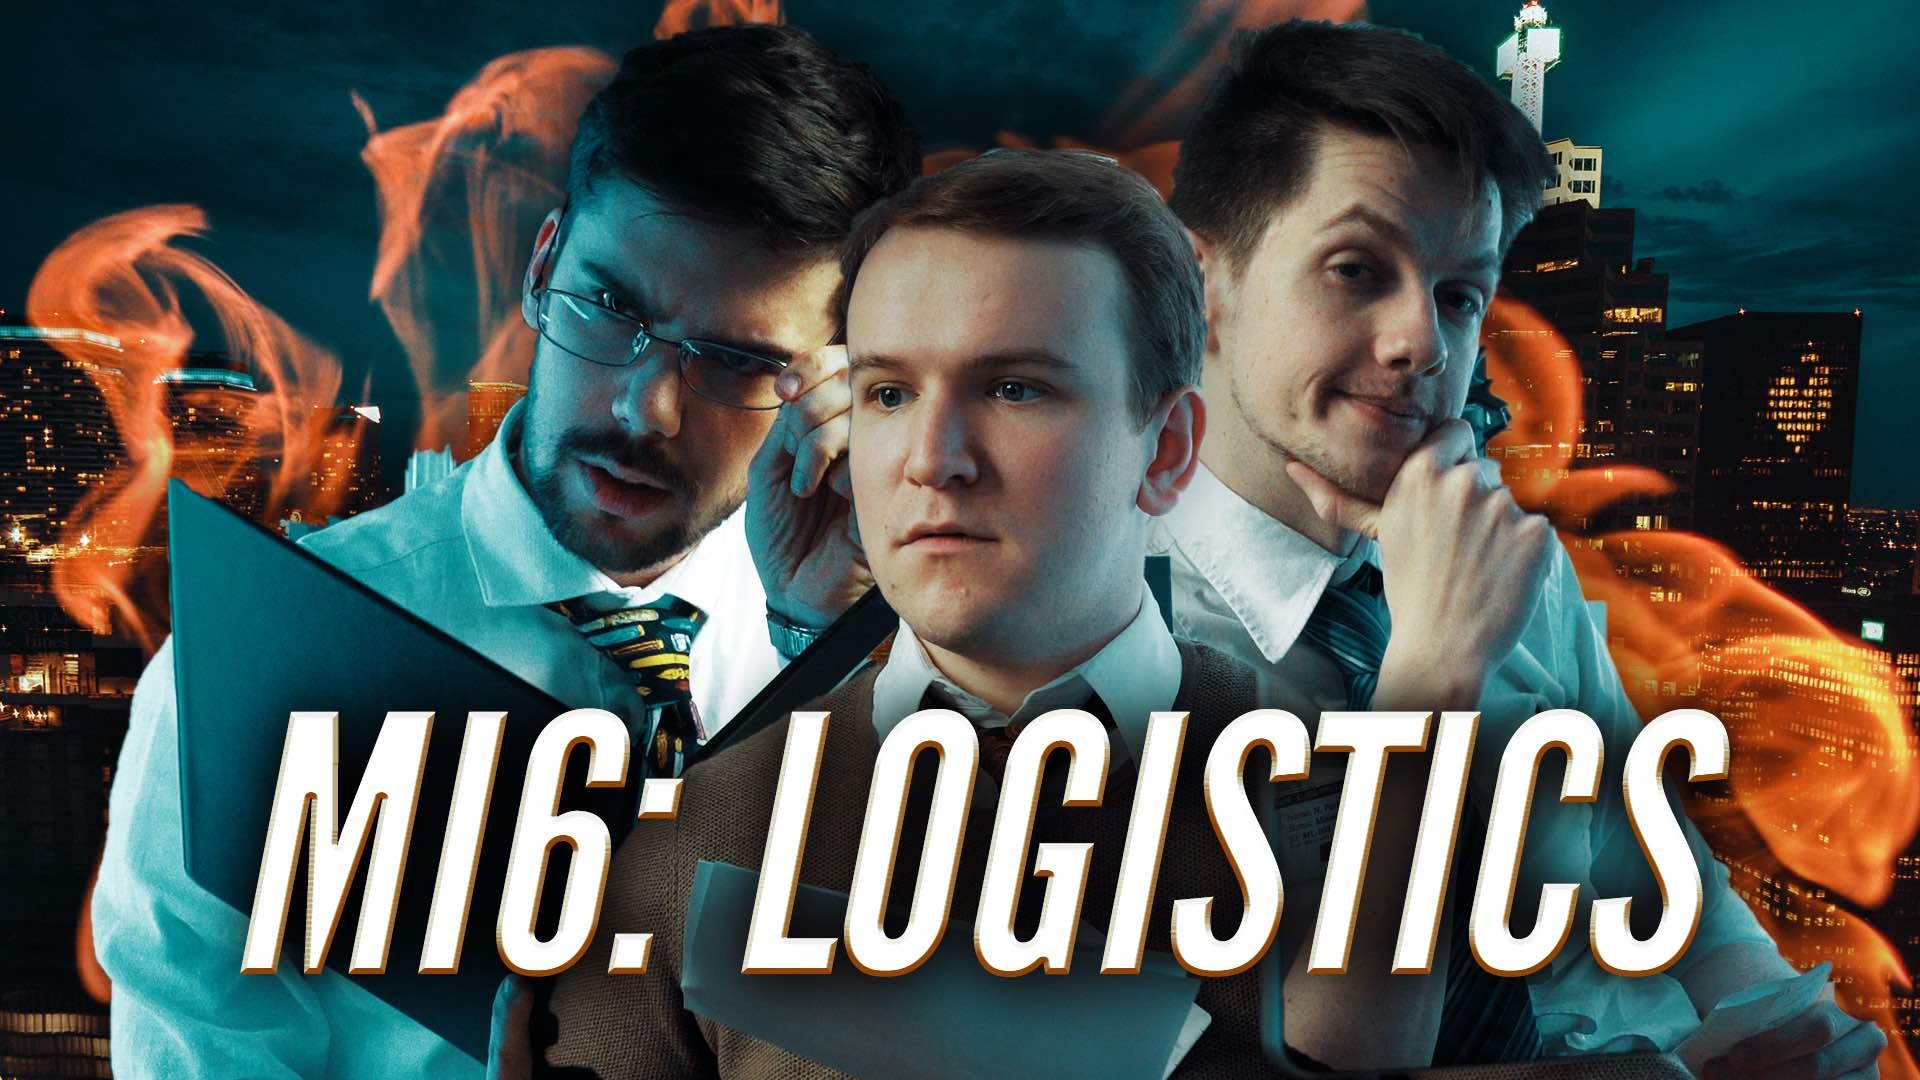 MI6: Logistics – Einer muss es ja machen (Sketch, 2020)